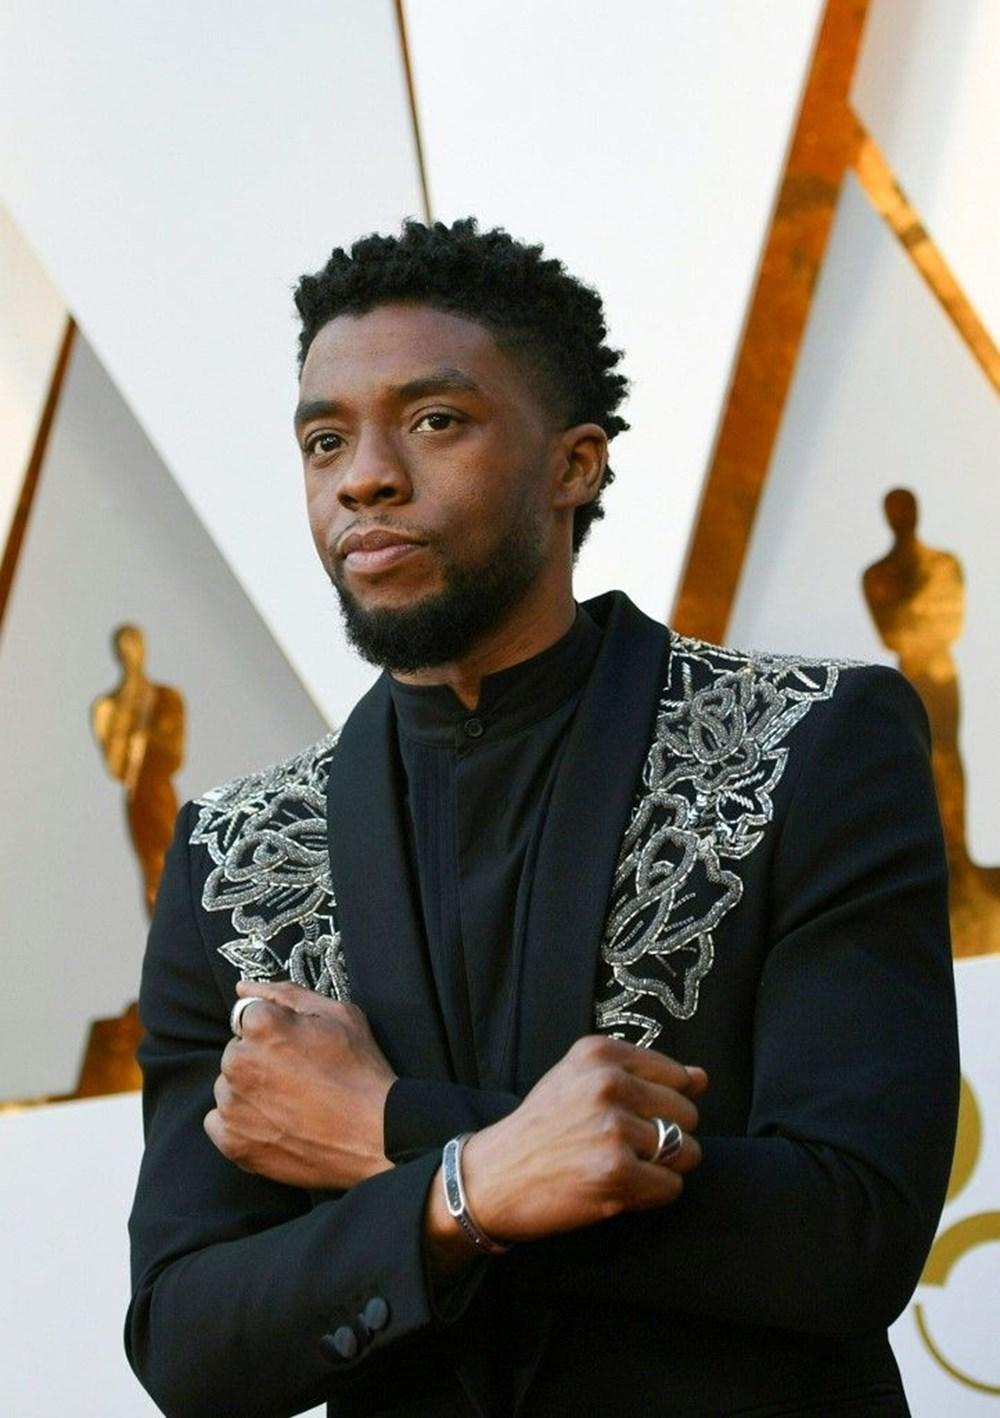 Black Panther'in yönetmeni Ryan Coogler: En önemli repliklerden biri Chadwick Boseman'ın fikriydi - 6